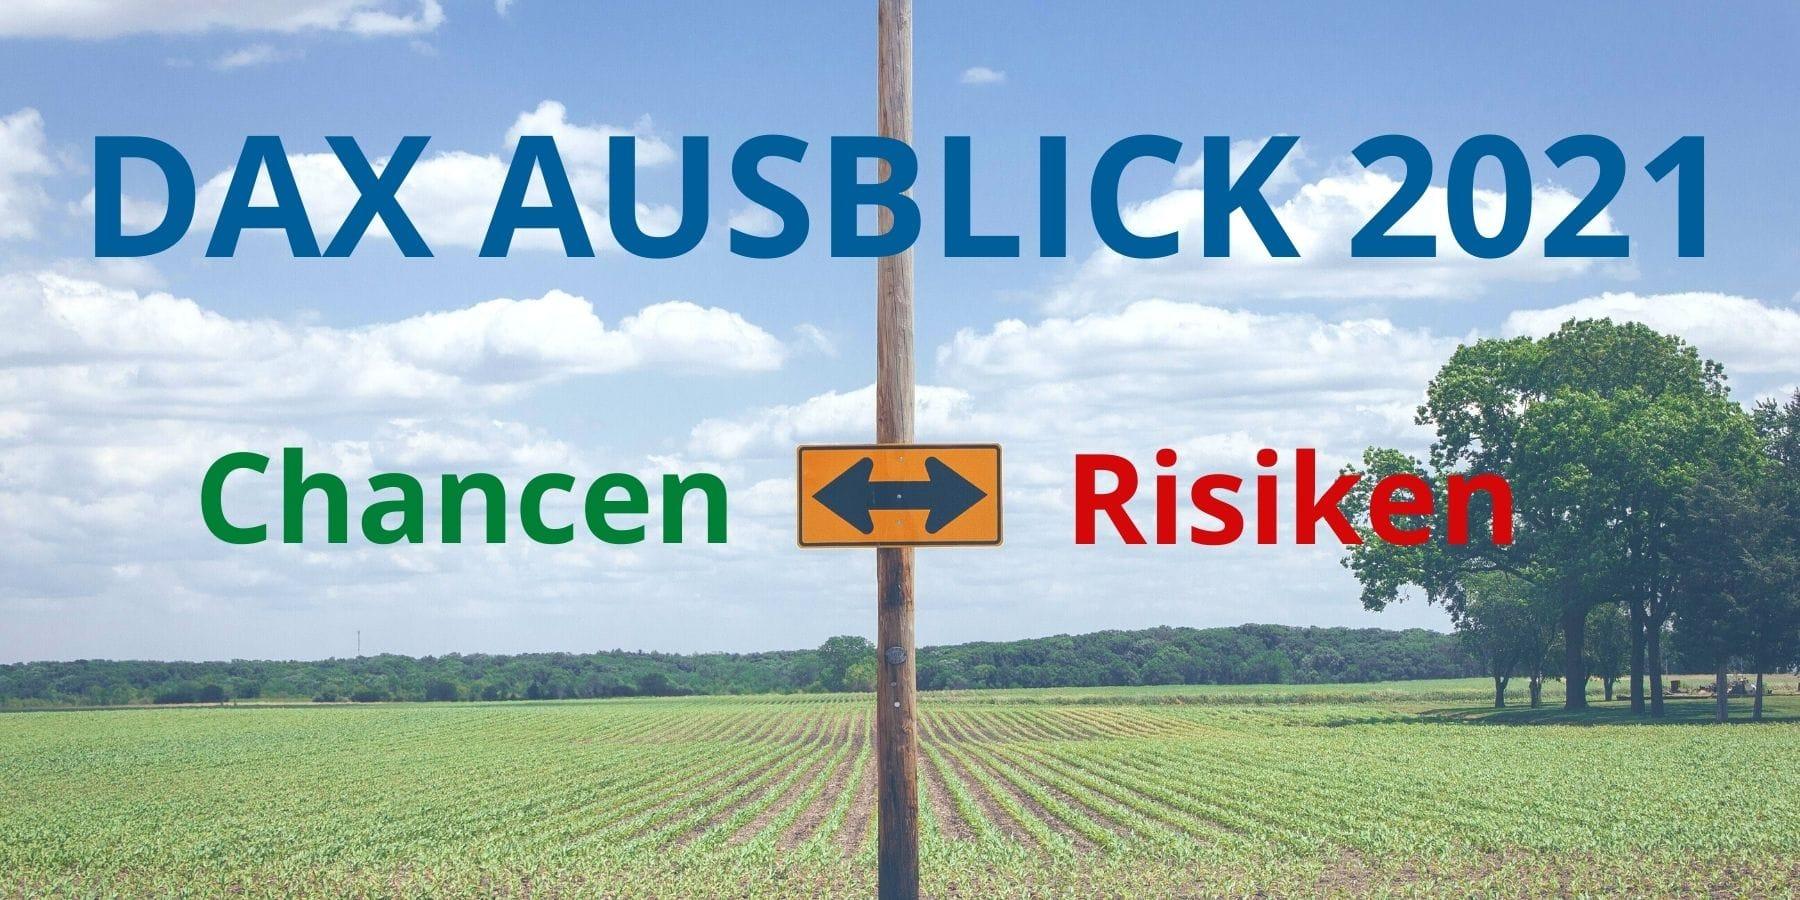 Dax Ausblick 2021 - Chancen Risiken - Schild mit Landschaft im Hintergrund